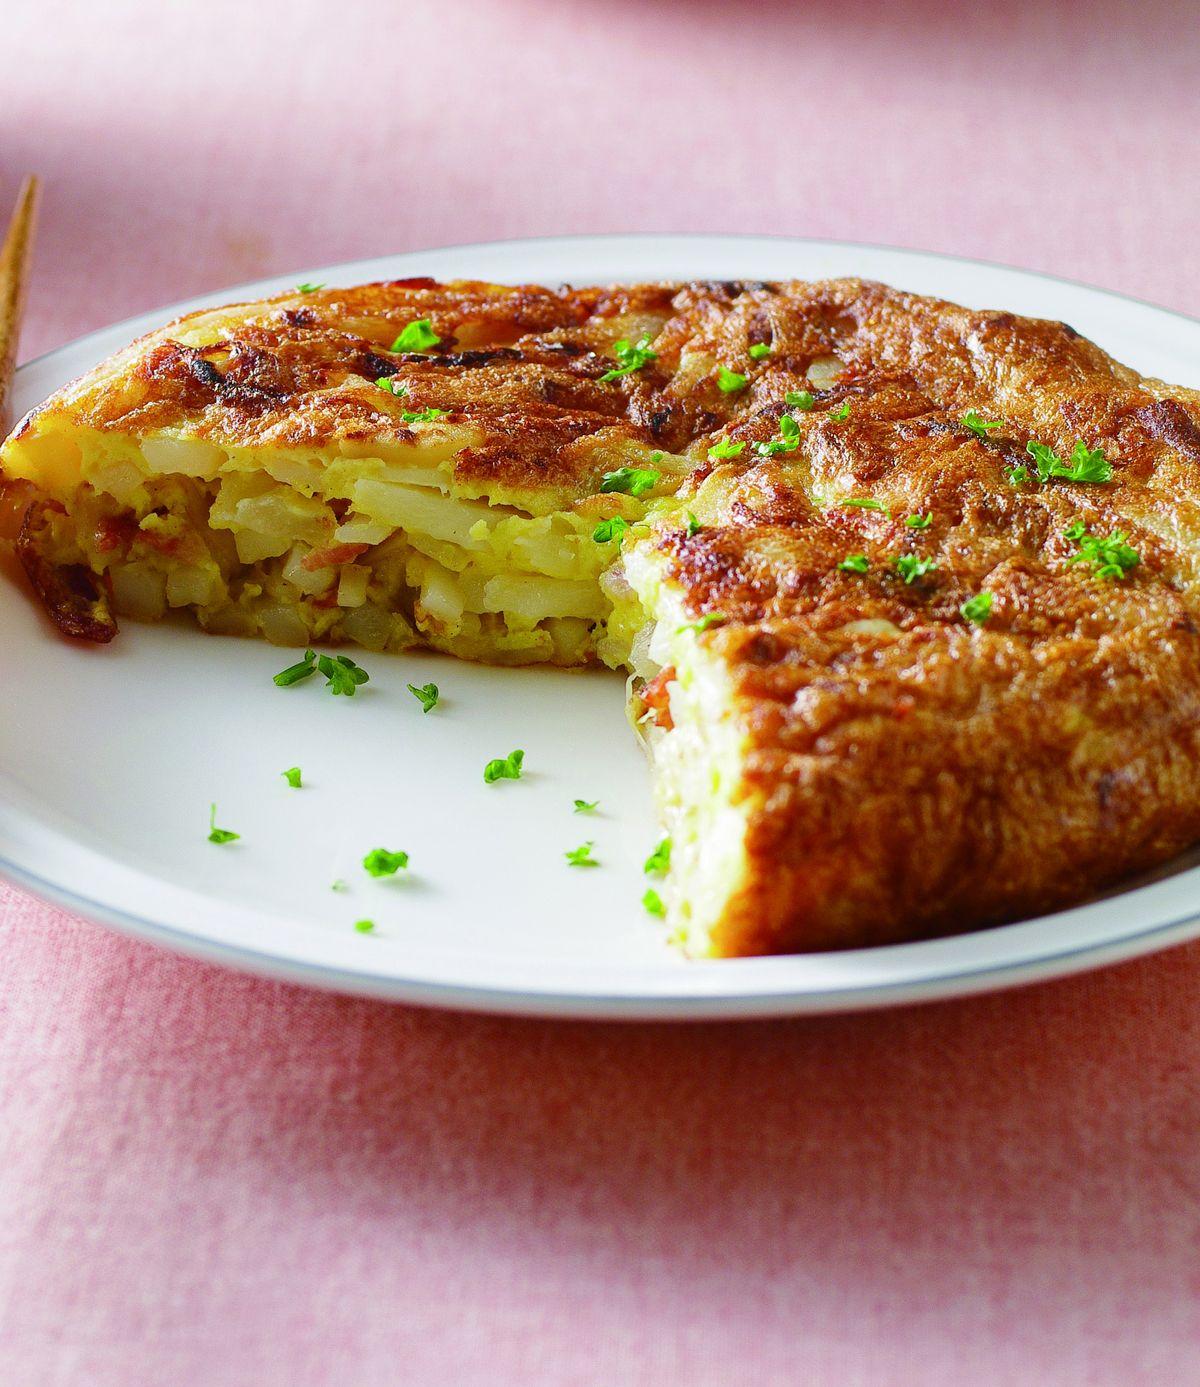 馬鈴薯 烘 蛋 2 材 料 雞蛋 3 顆 馬鈴薯 300 公克 洋蔥 1 ...